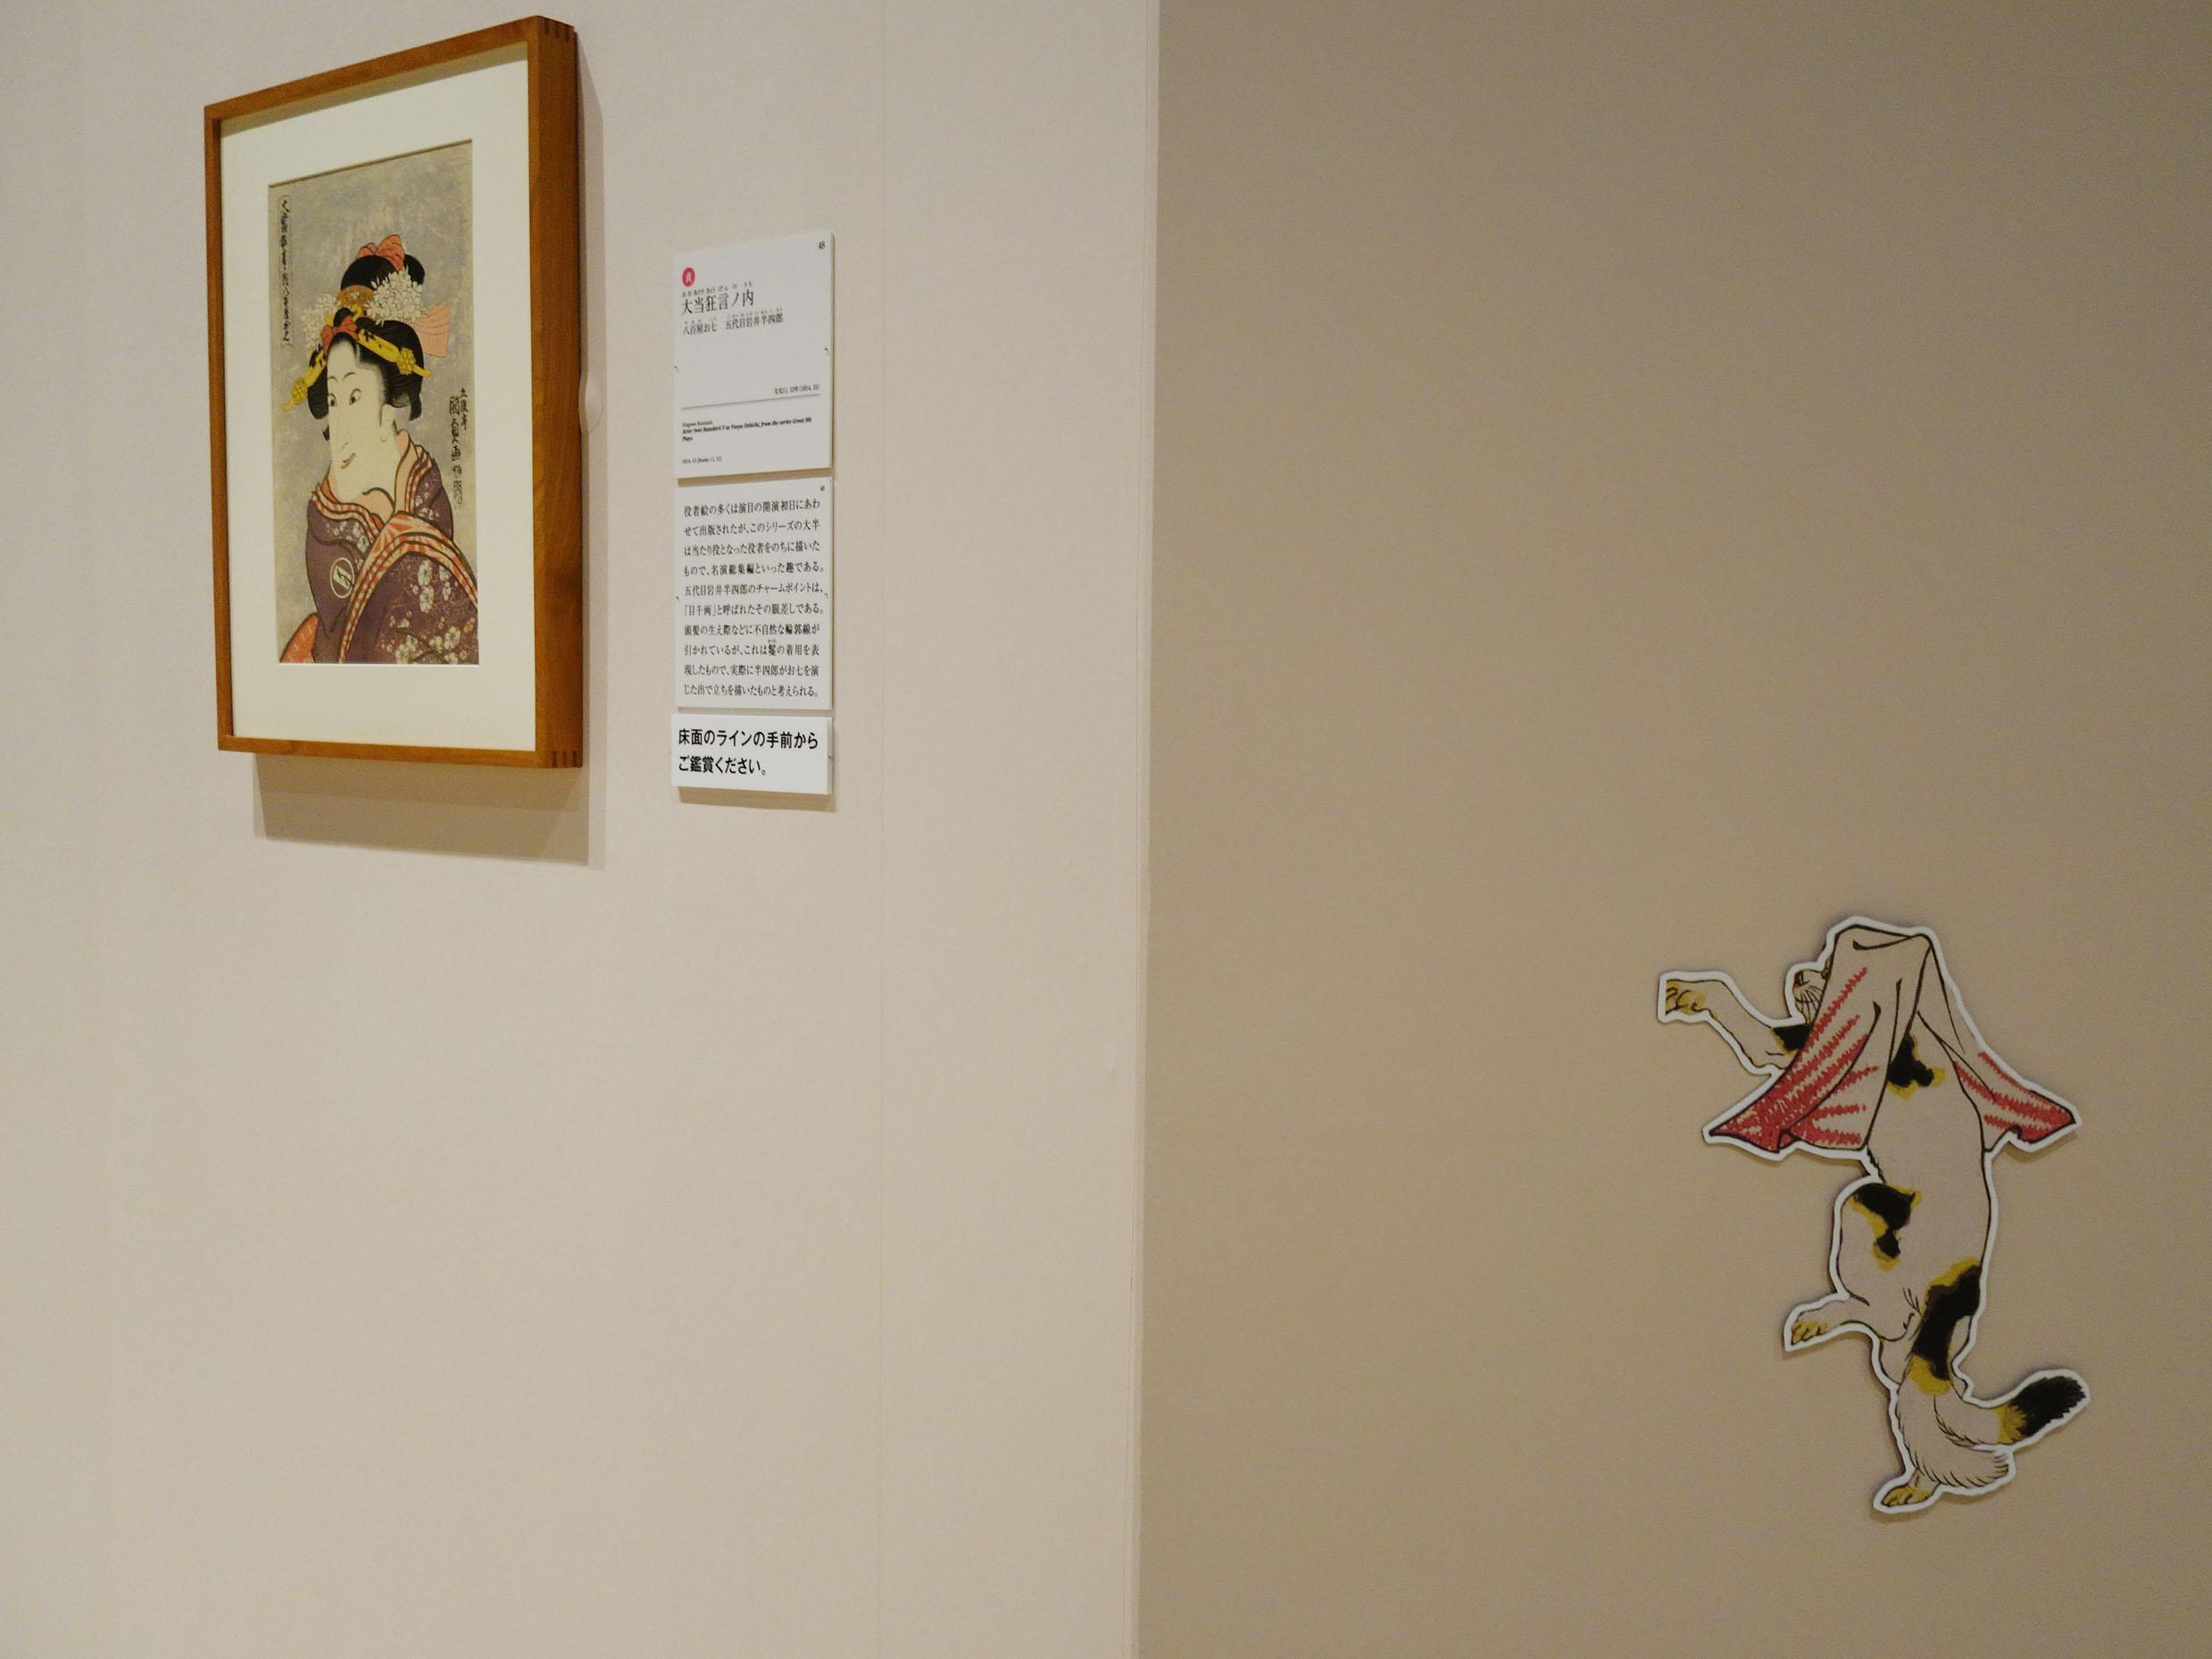 猫がそっとあちこちに。歌川国貞「大当狂言ノ内 八百屋お七」五代目岩井半四郎 文化11、12年(1814、15年)